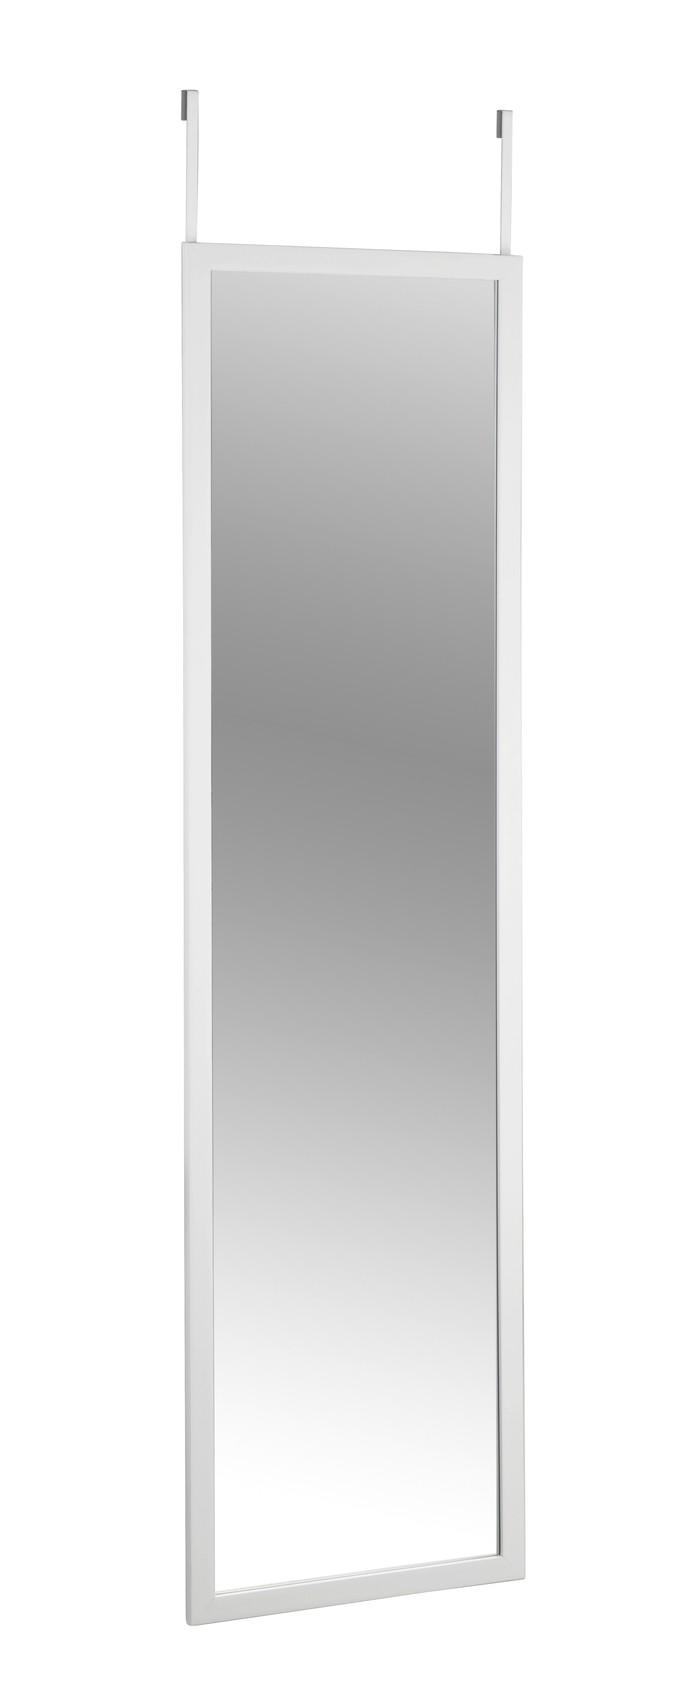 Wenko Türspiegel Arcadia Weiß, Wandspiegel